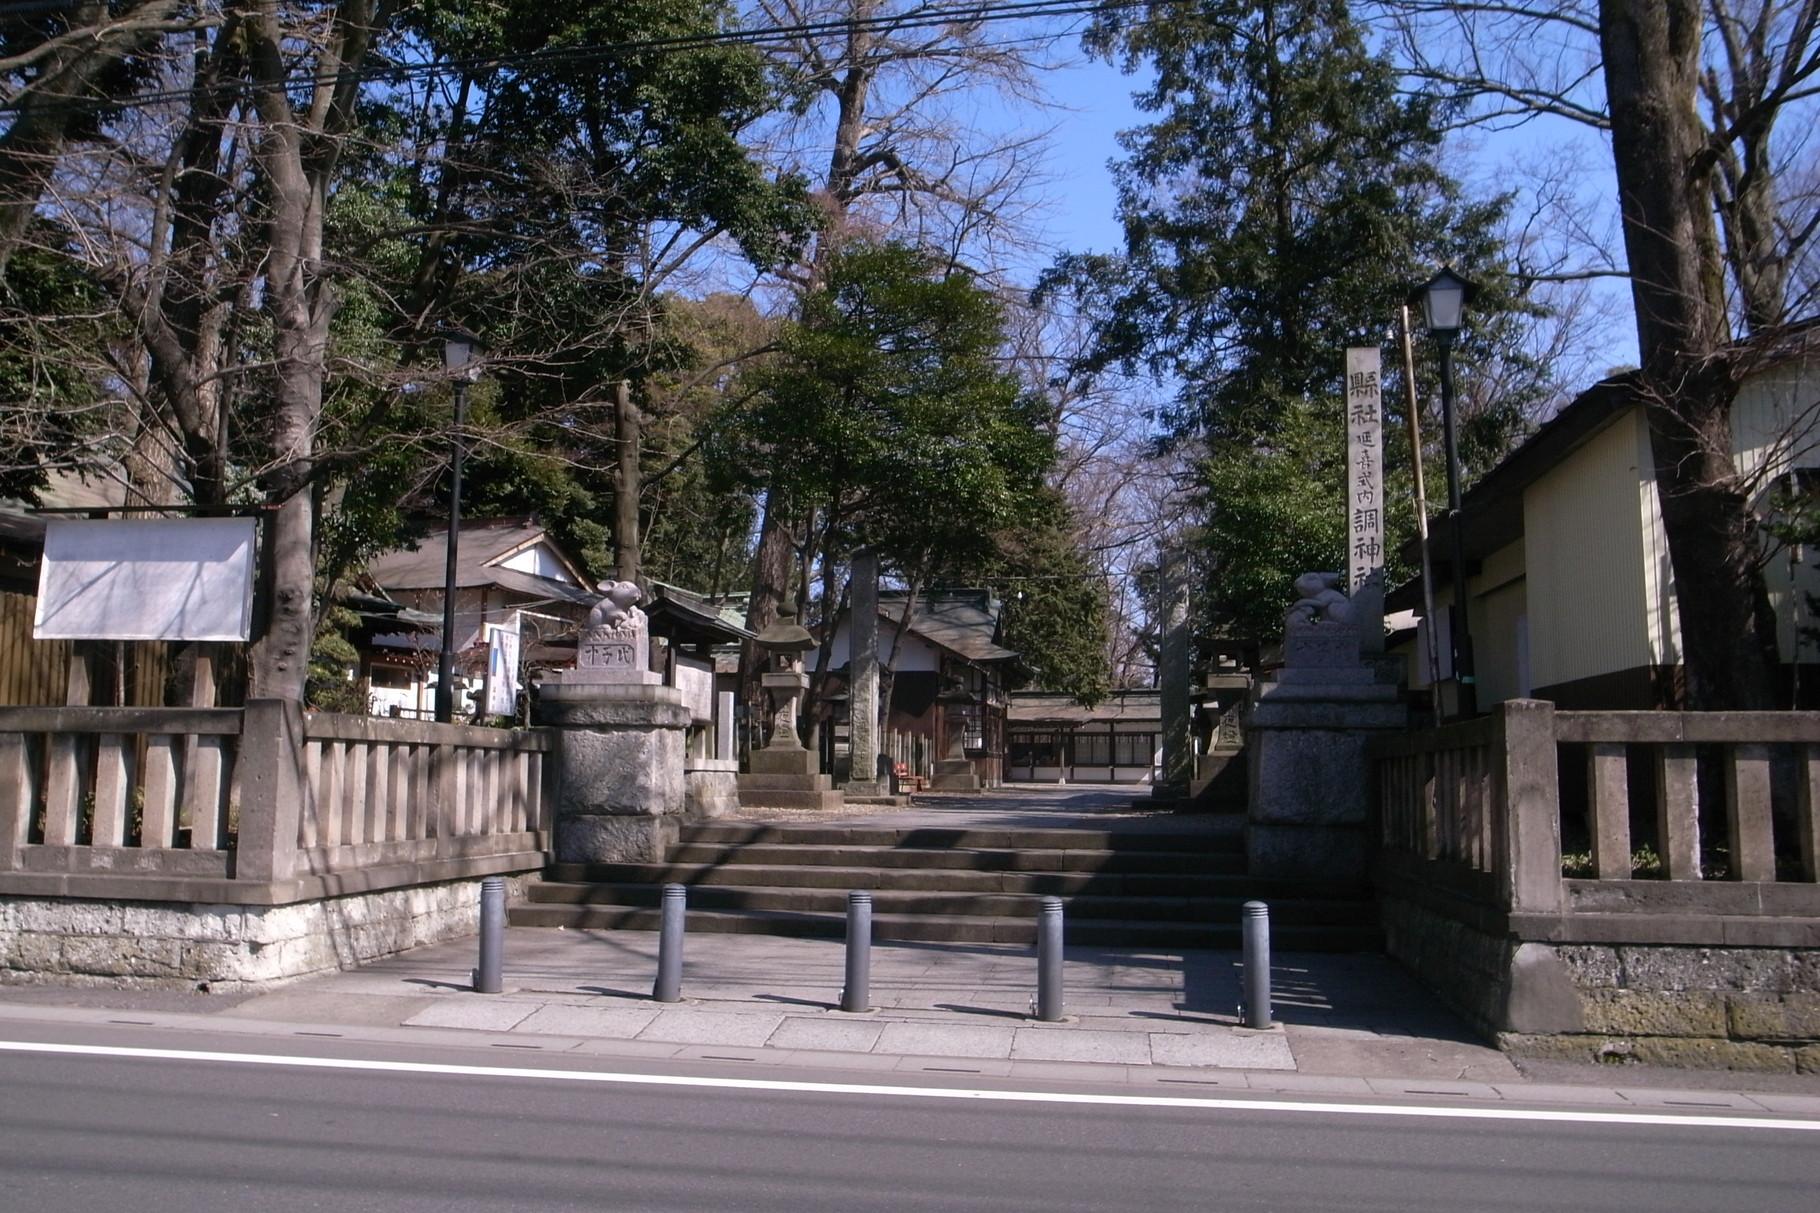 調神社 1.2km(徒歩15分)